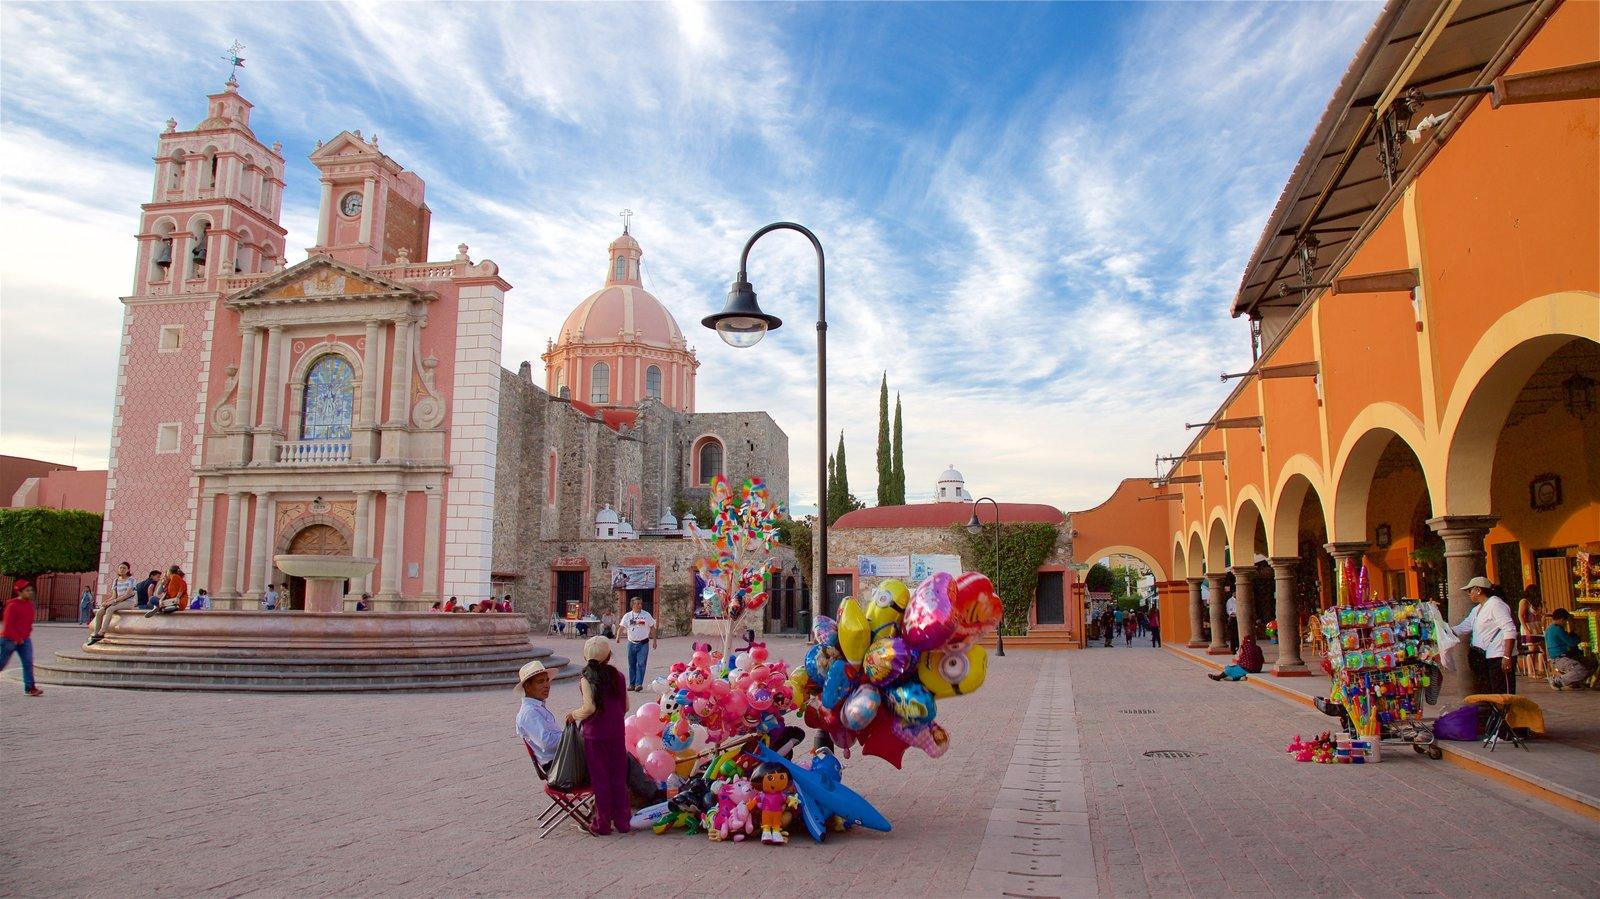 Tequisquiapan caracterizando uma praça ou plaza, um pôr do sol e uma igreja ou catedral